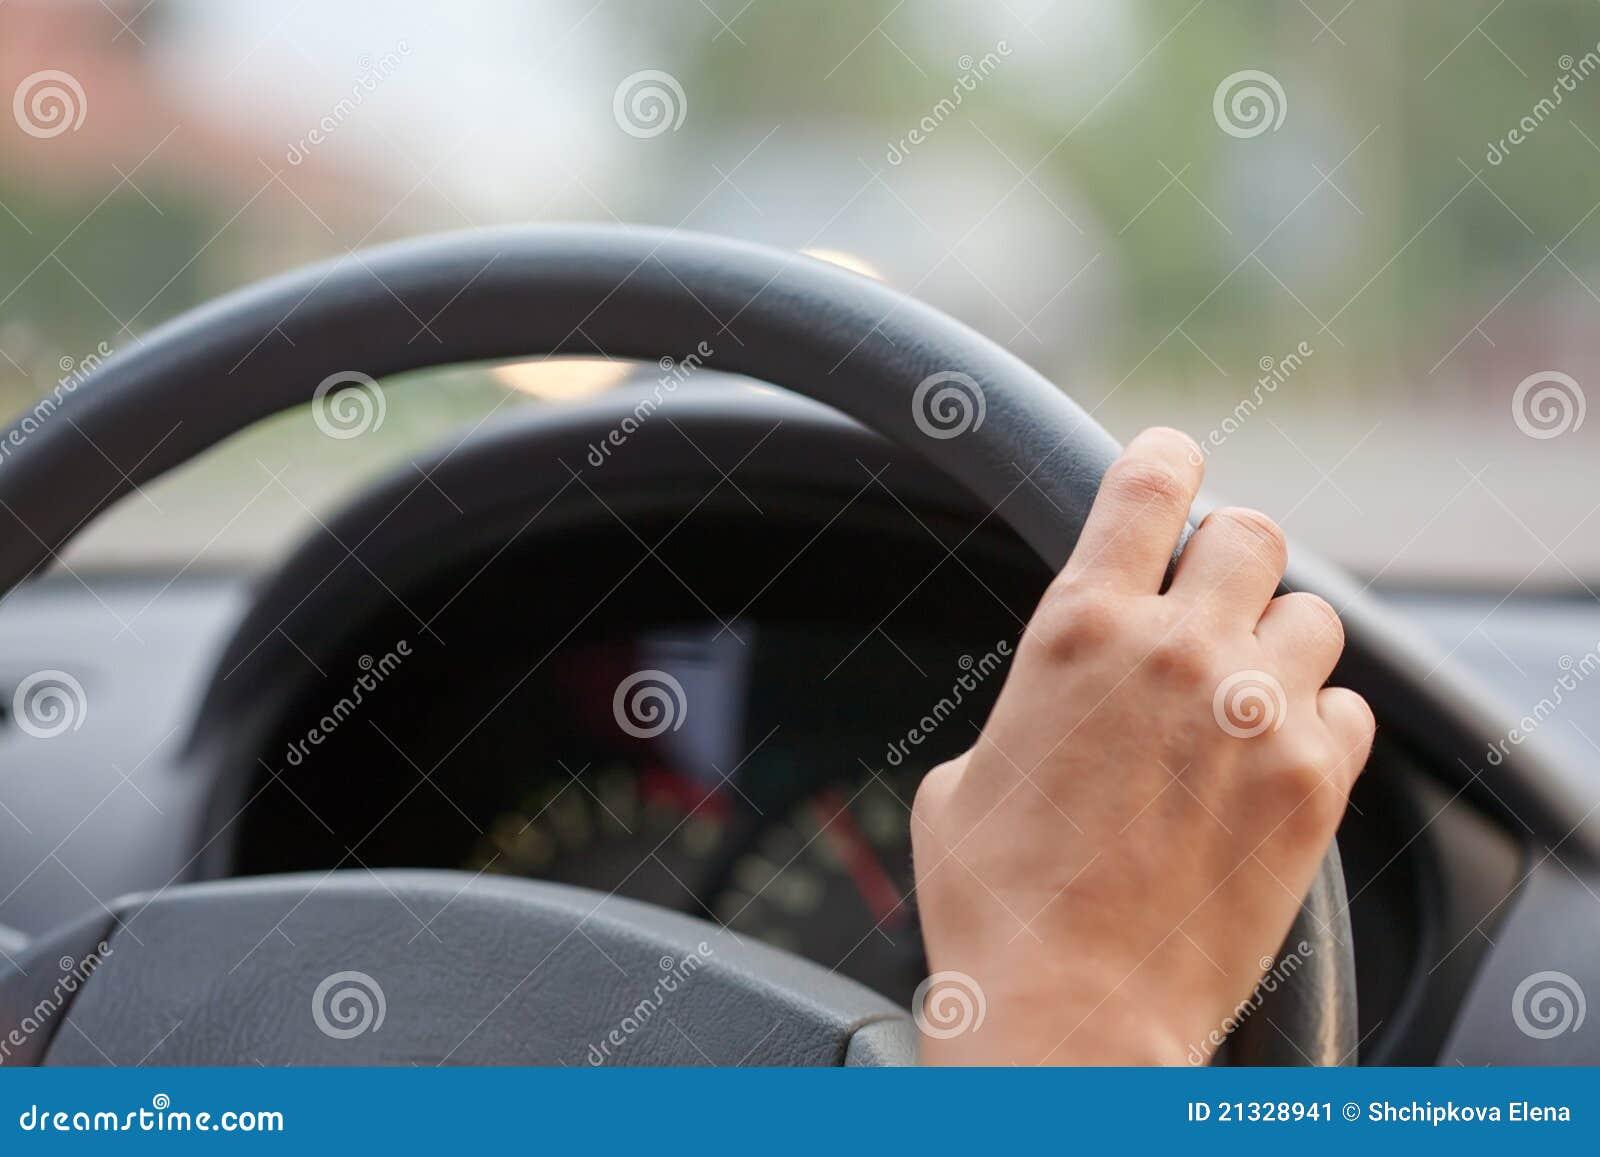 Entfernungsmesser Rad : Hände der treiber auf einem stearing rad stockbild bild von